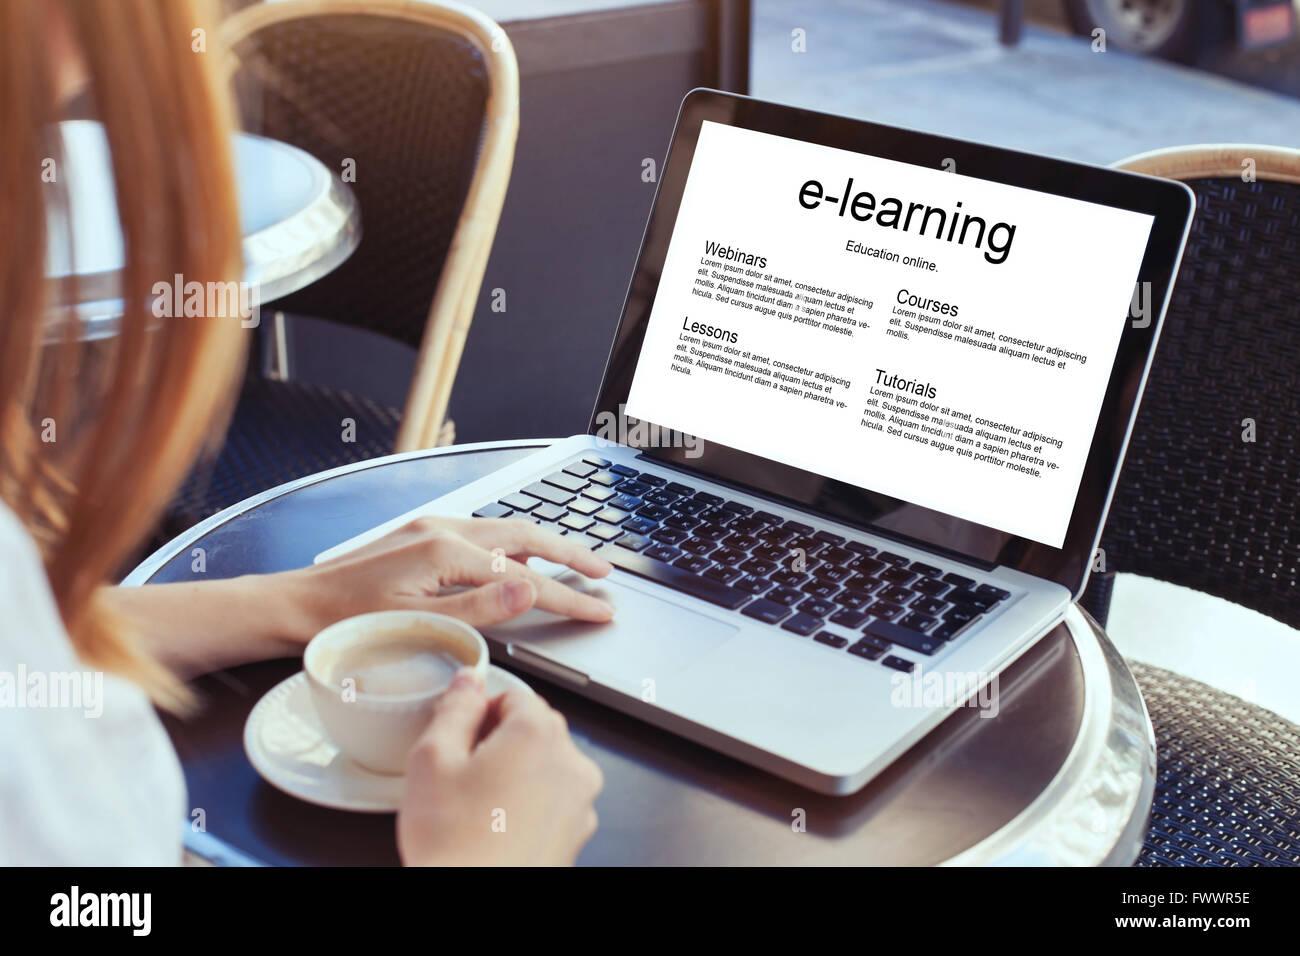 e-Learning, Online-Bildungskonzept, Frau mit laptop Stockbild